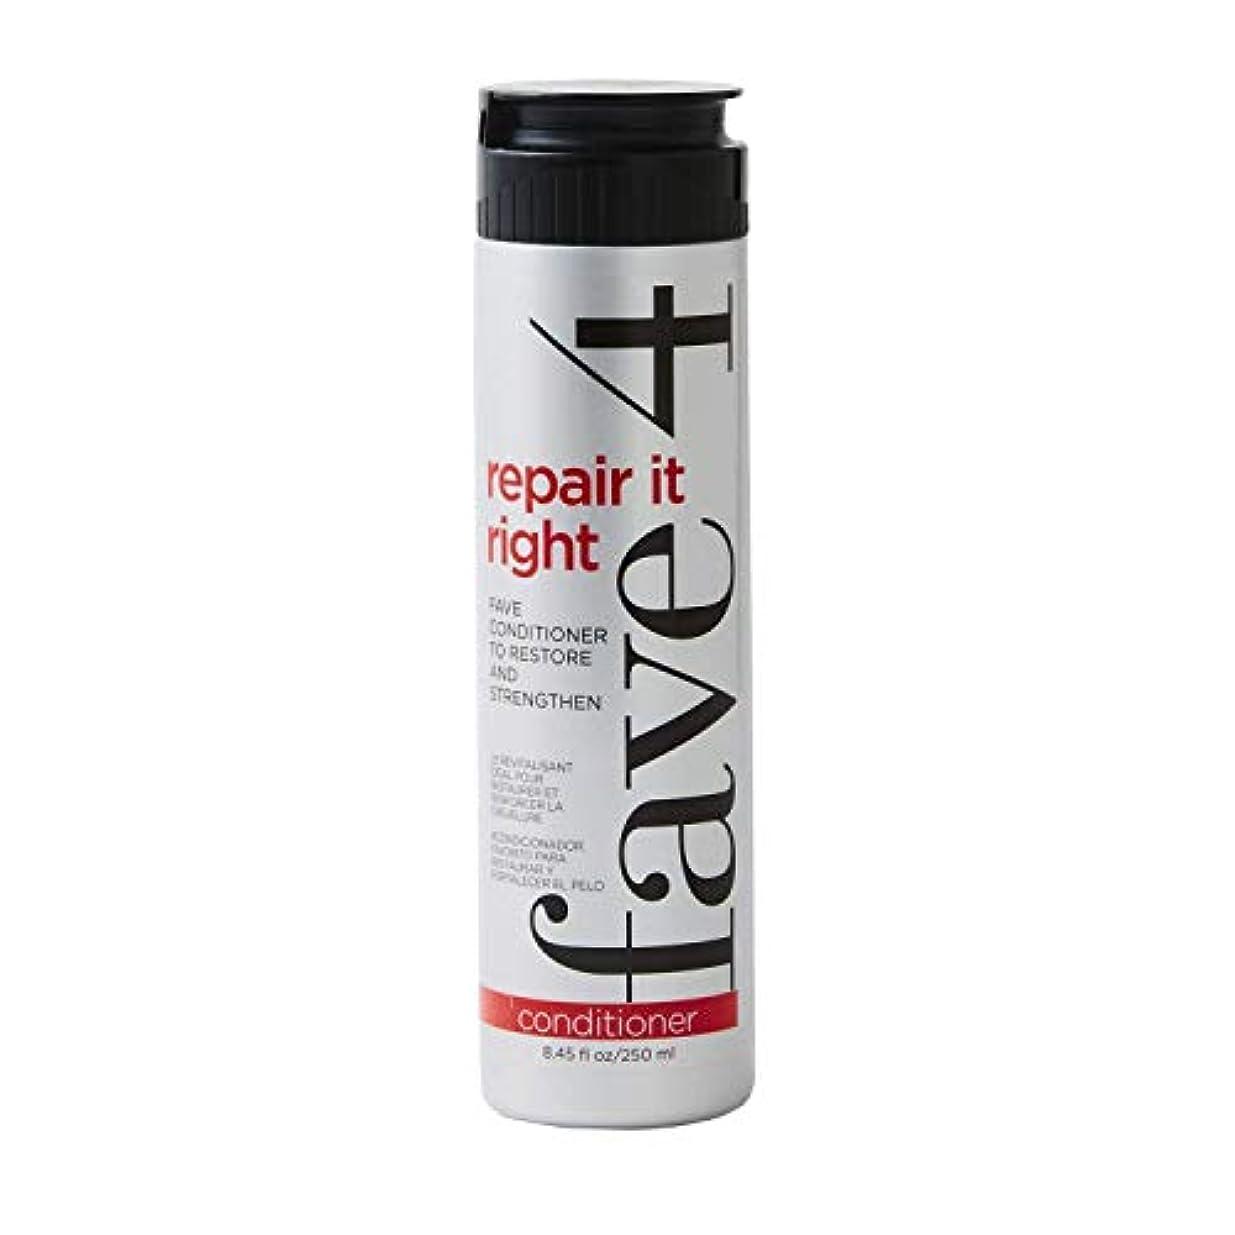 のエレガント氷fave4 復元し、強化するために右フェイブConditonerそれを修復 - 硫酸塩フリー パラベンフリー グルテンフリー 無添加塩化ナトリウムありません 虐待無料 色処理した毛髪、8.5オンスのための安全な 8.5オンス